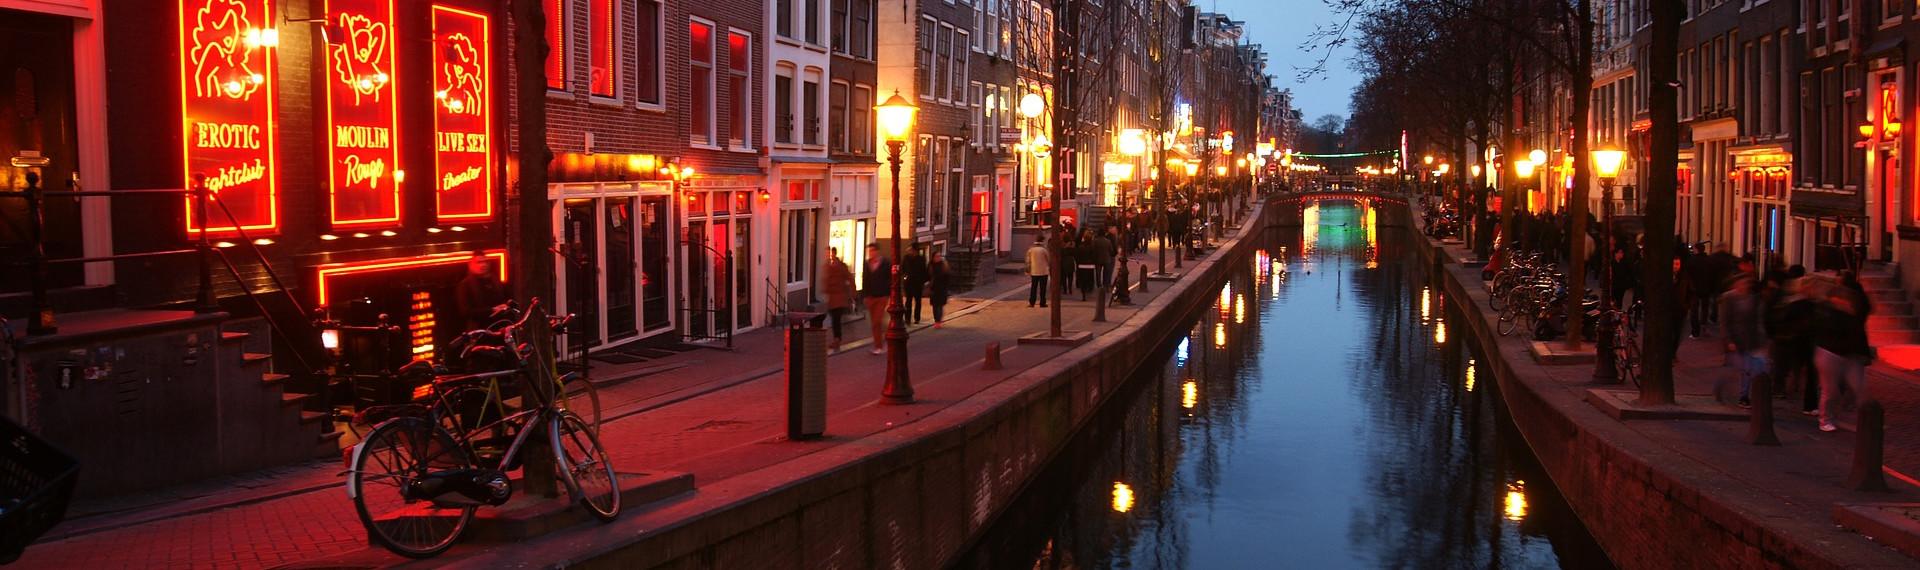 Tournée de bars et quartier rouge Amsterdam